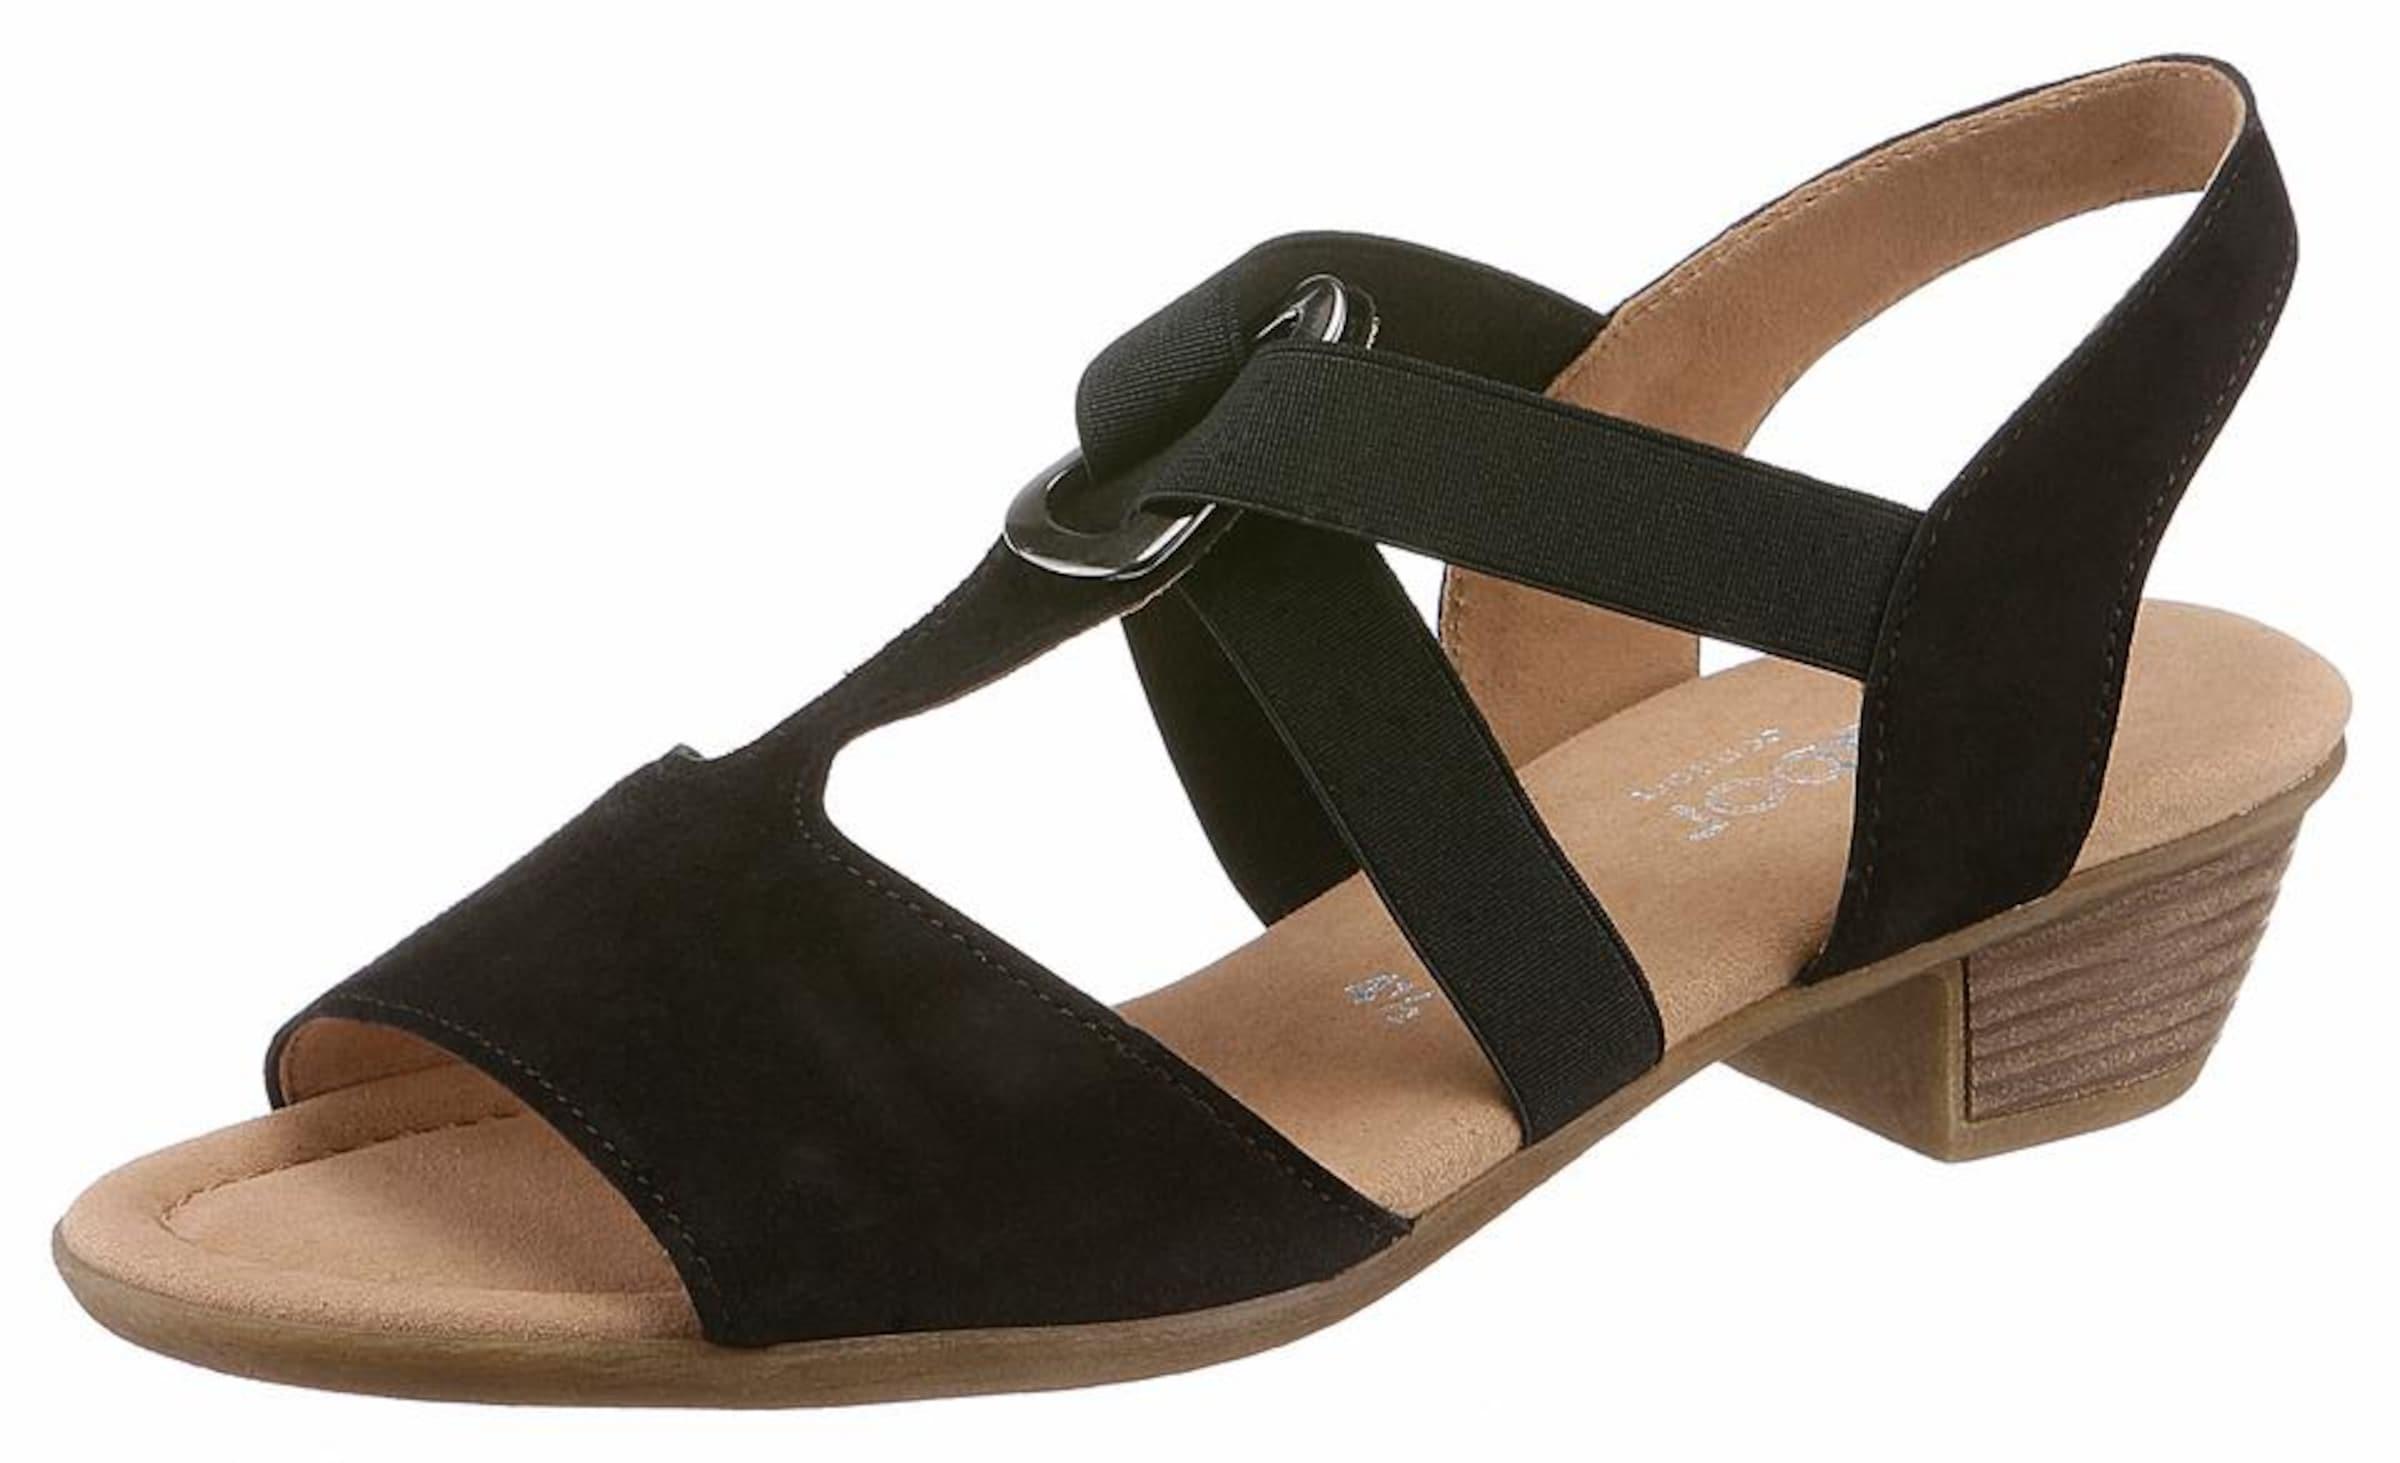 GABOR Sandalette Günstige und langlebige Schuhe